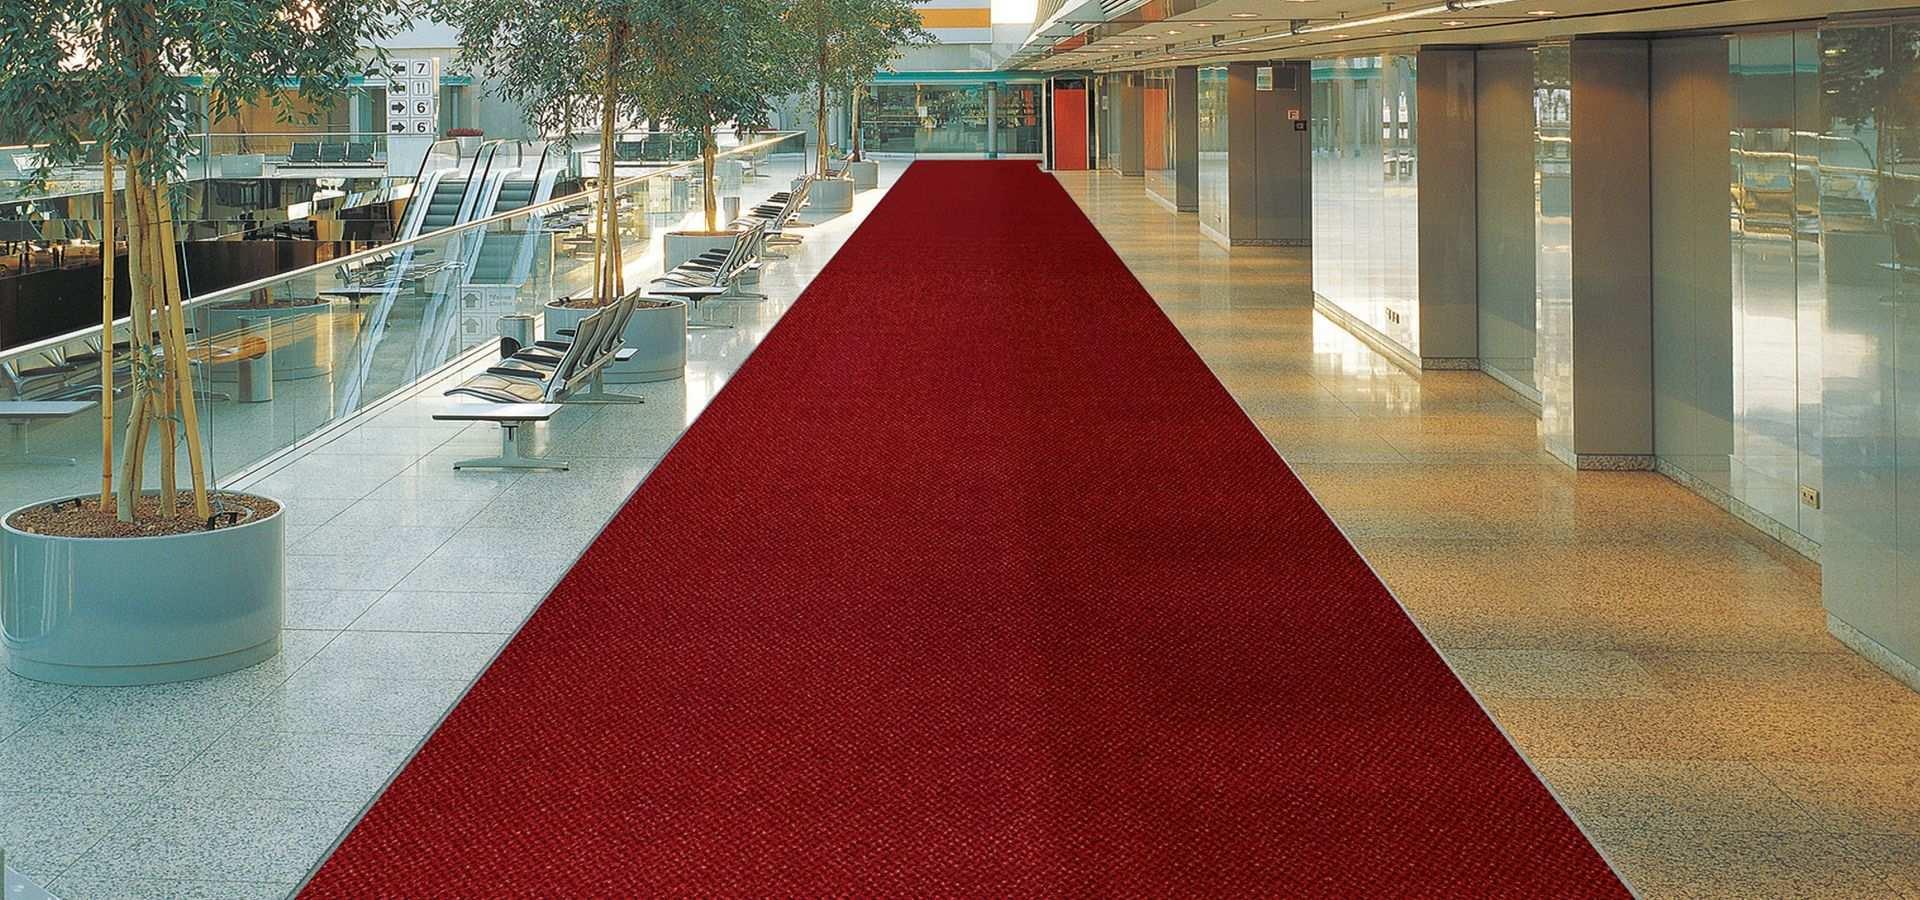 Bild Sauberlauf im Einkaufszentrum rot